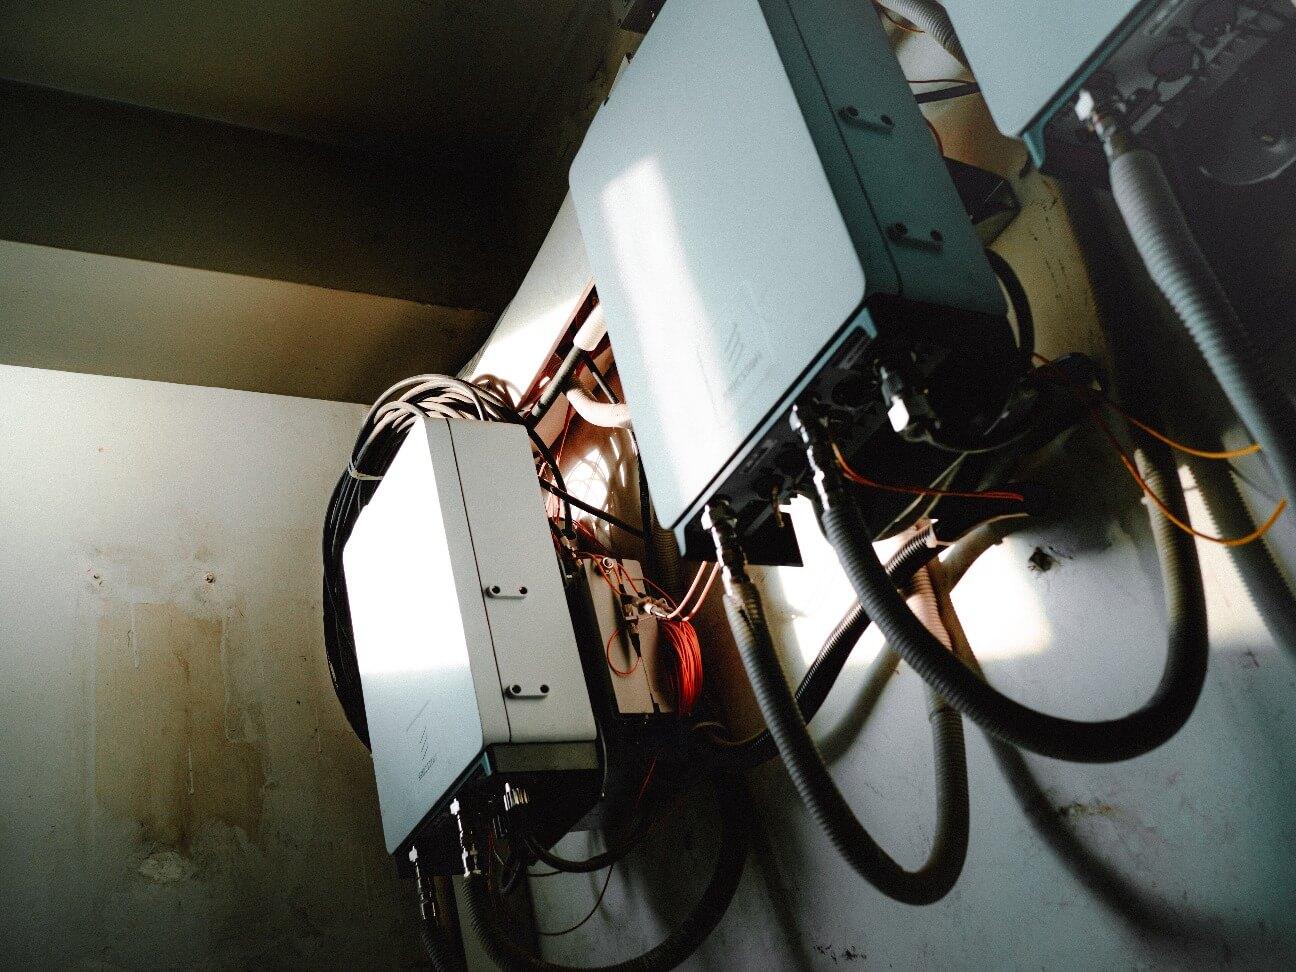 壁のネット回線設備の画像